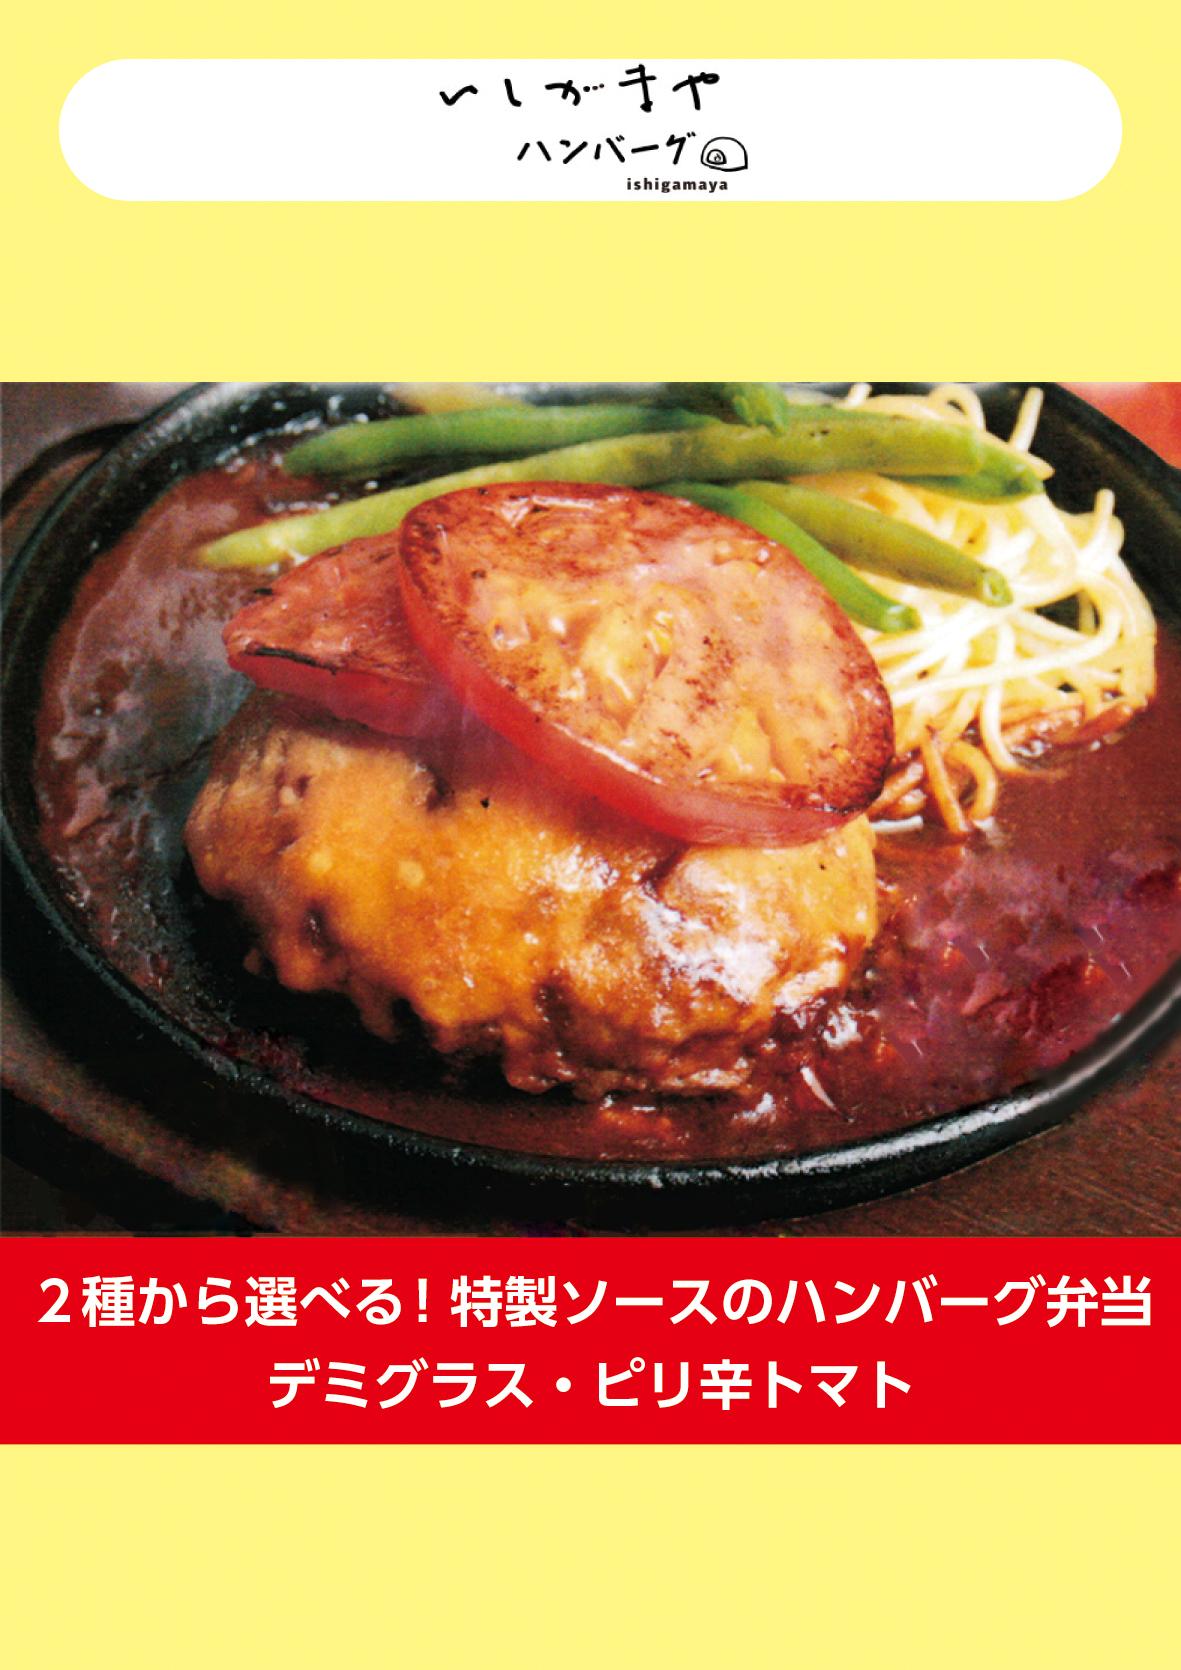 ②ピリ辛トマトソースハンバーグ弁当 目玉焼き&チーズトッピングの画像